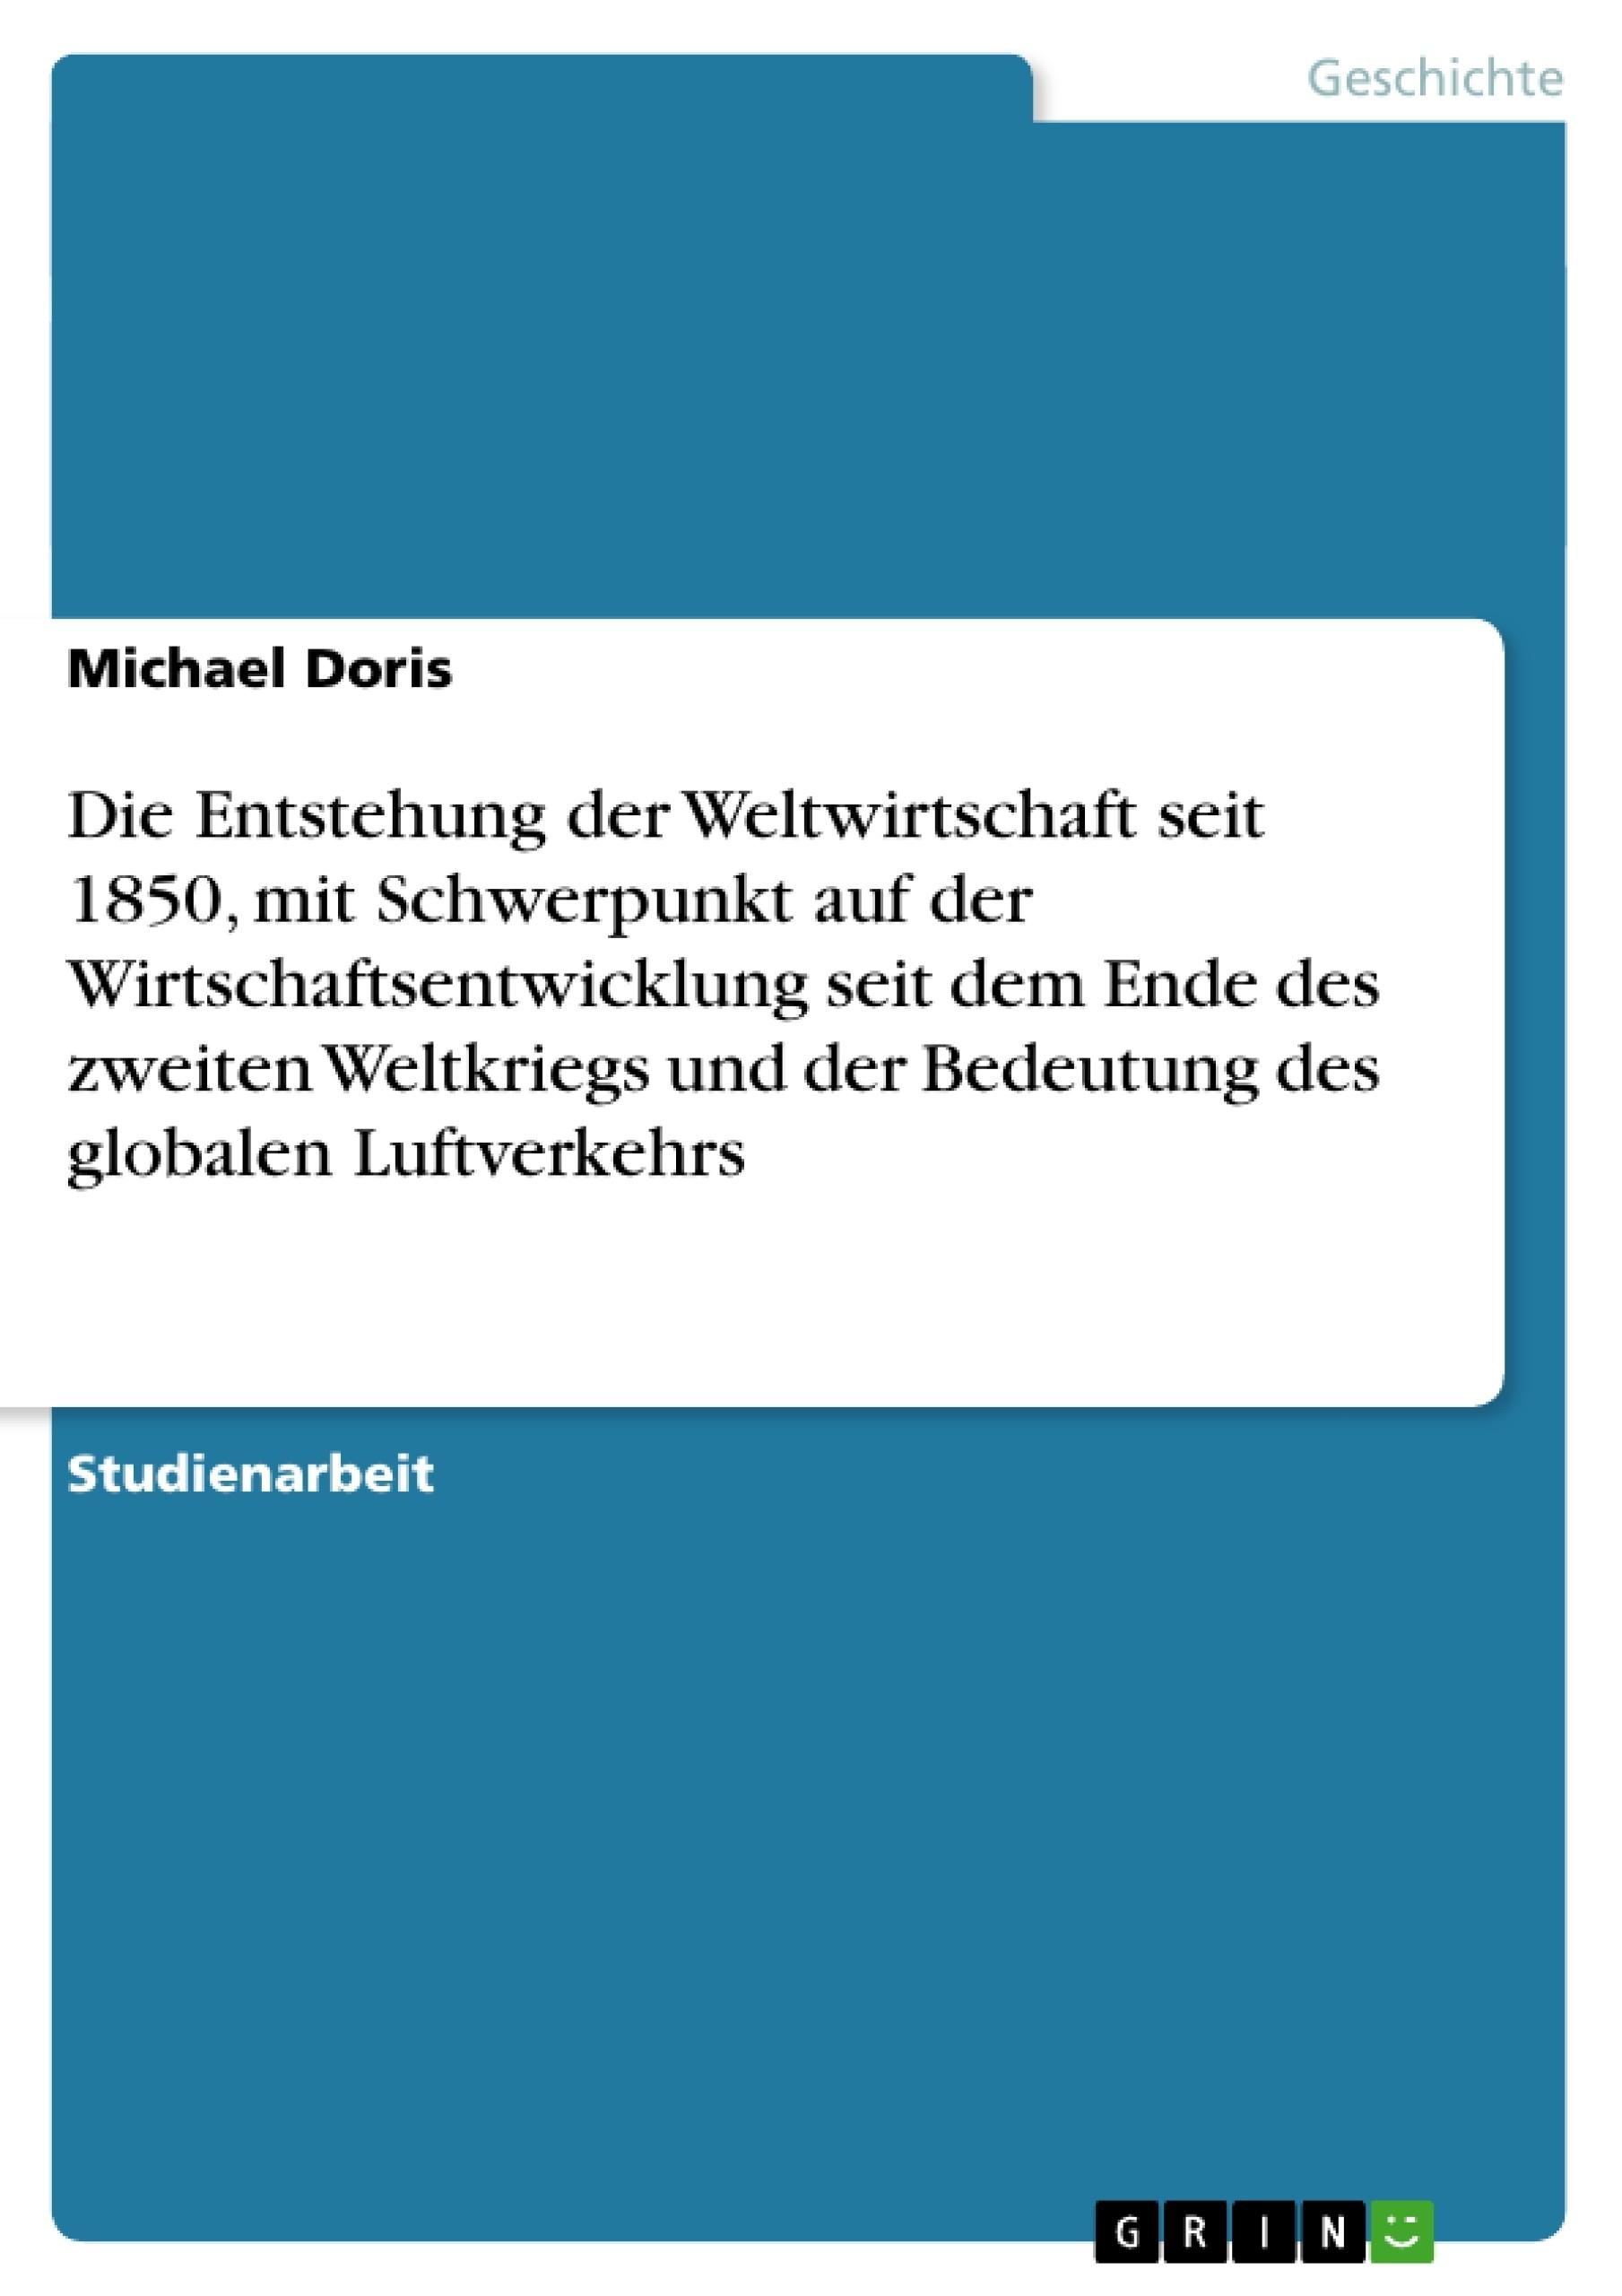 Titel: Die Entstehung der Weltwirtschaft seit 1850, mit Schwerpunkt auf der Wirtschaftsentwicklung seit dem Ende des zweiten Weltkriegs und der Bedeutung des globalen Luftverkehrs